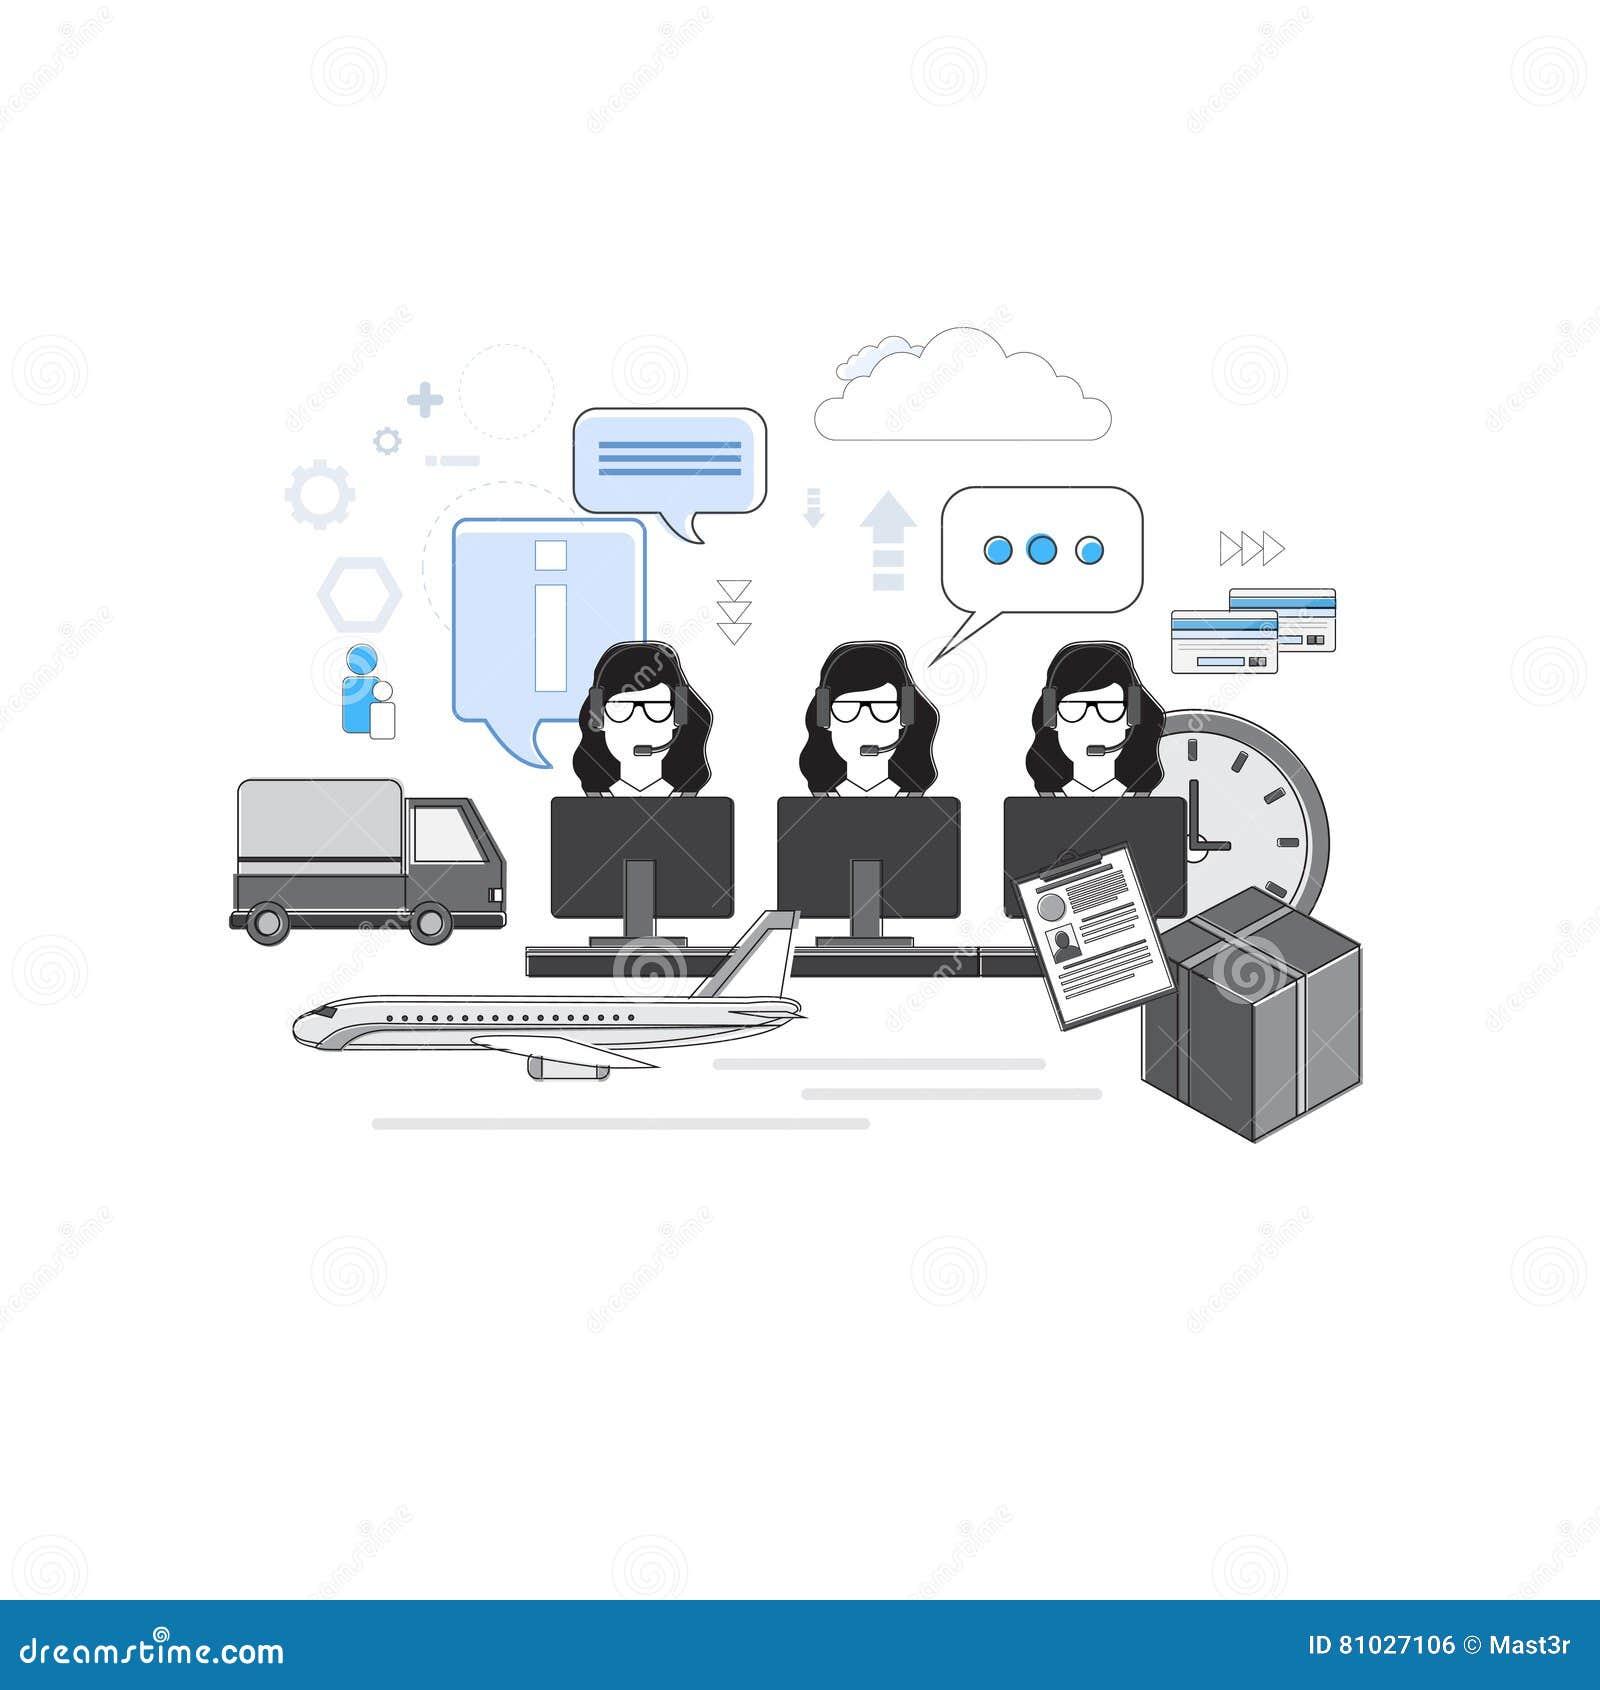 Κοινωνική γραμμή δικτύων επικοινωνίας συνομιλίας υποστήριξης ομάδας διαβούλευσης υπηρεσιών παράδοσης λεπτά